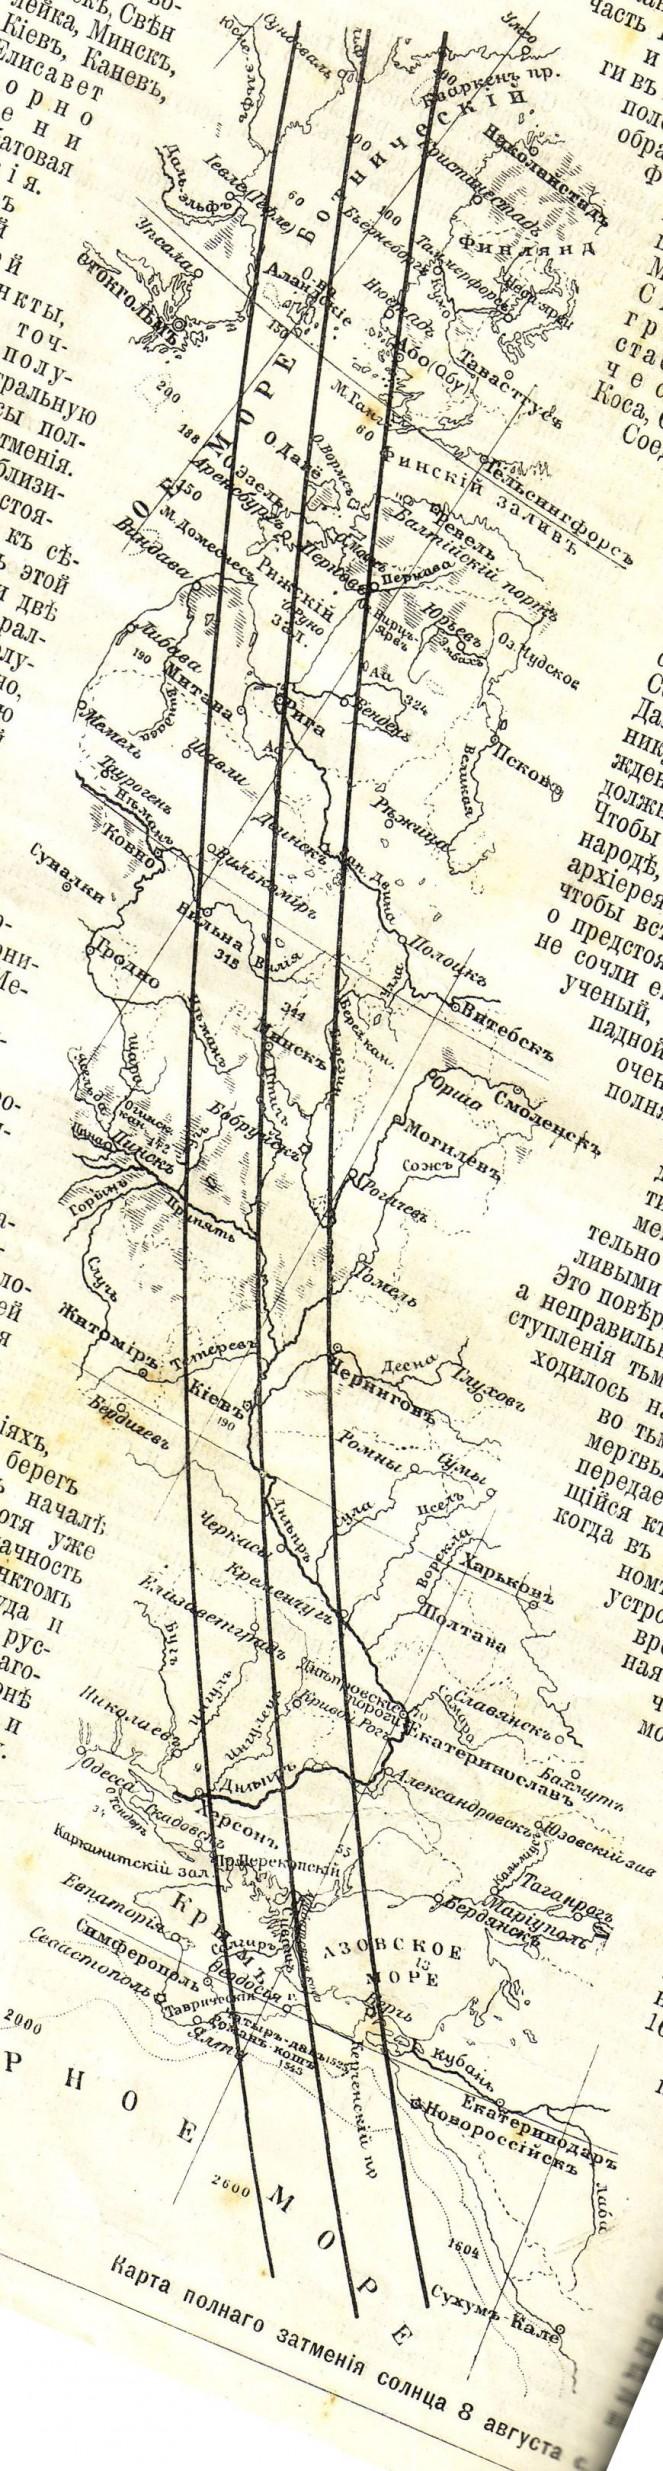 Затмение 8 августа 1914 года в России, прошедшее по местам будущих боевых действий Первой Мировой Войны (началась 1 августа)